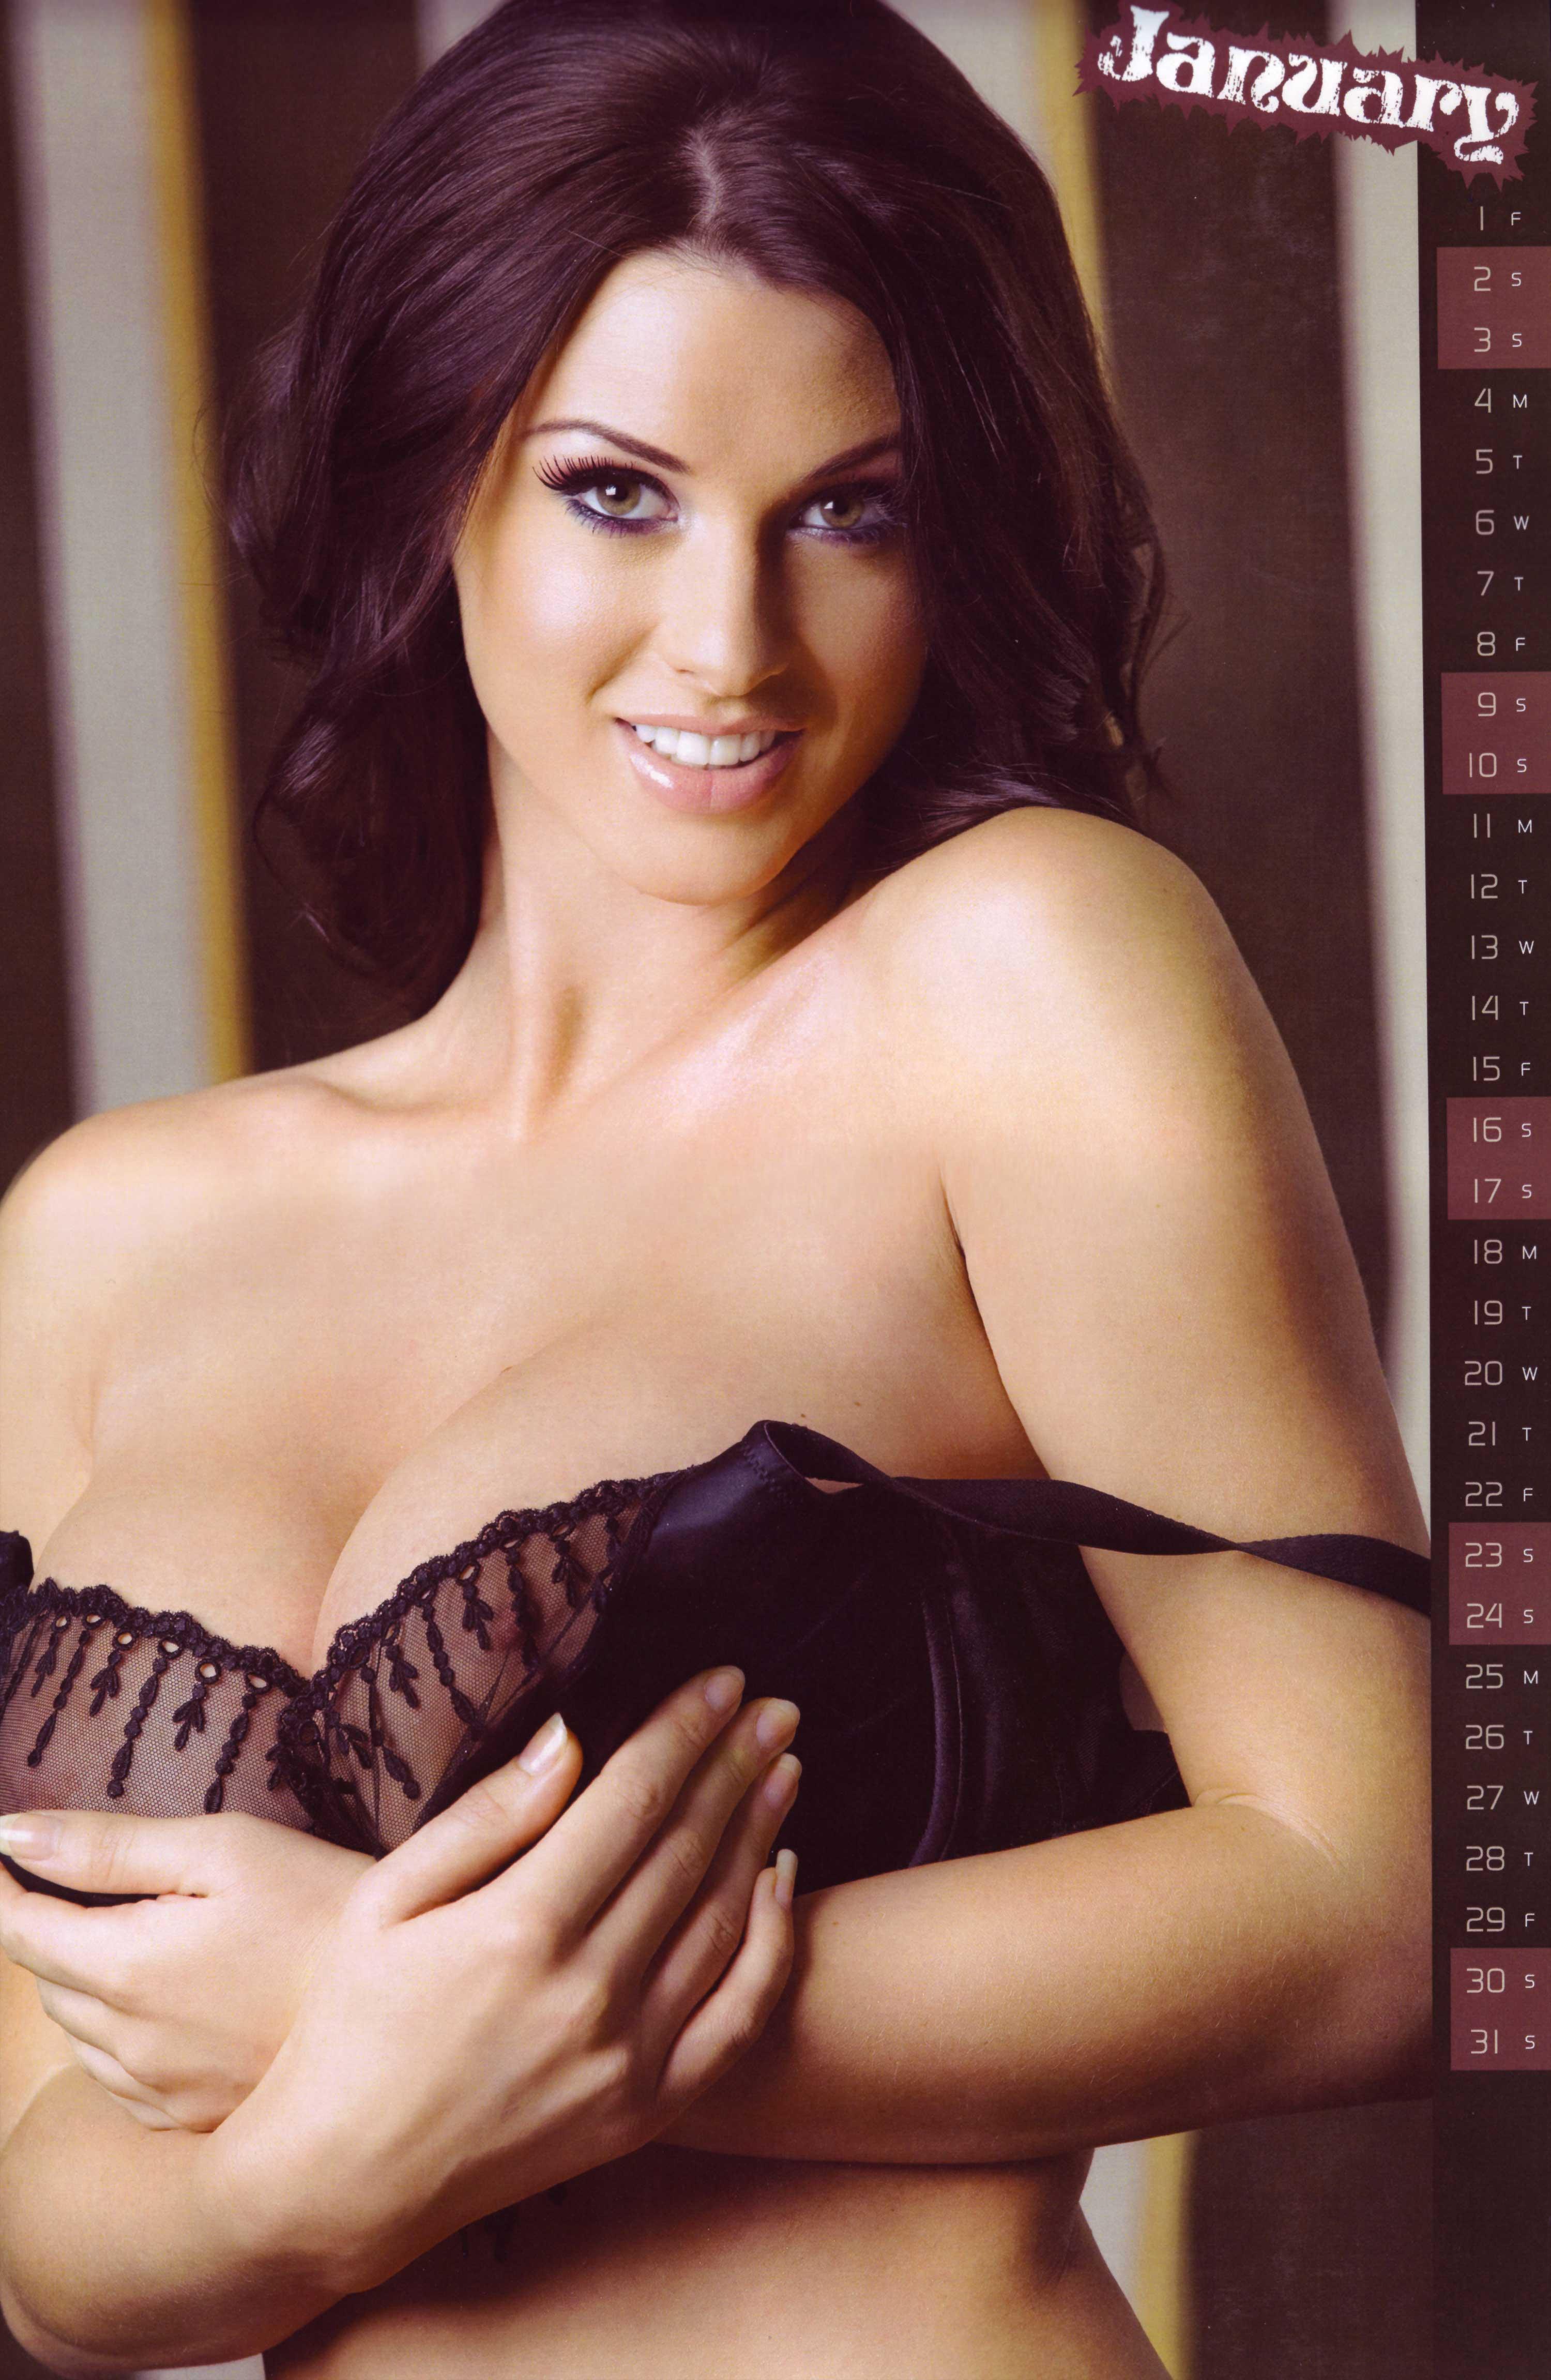 Смотреть онлайн женщины с большой грудью 13 фотография